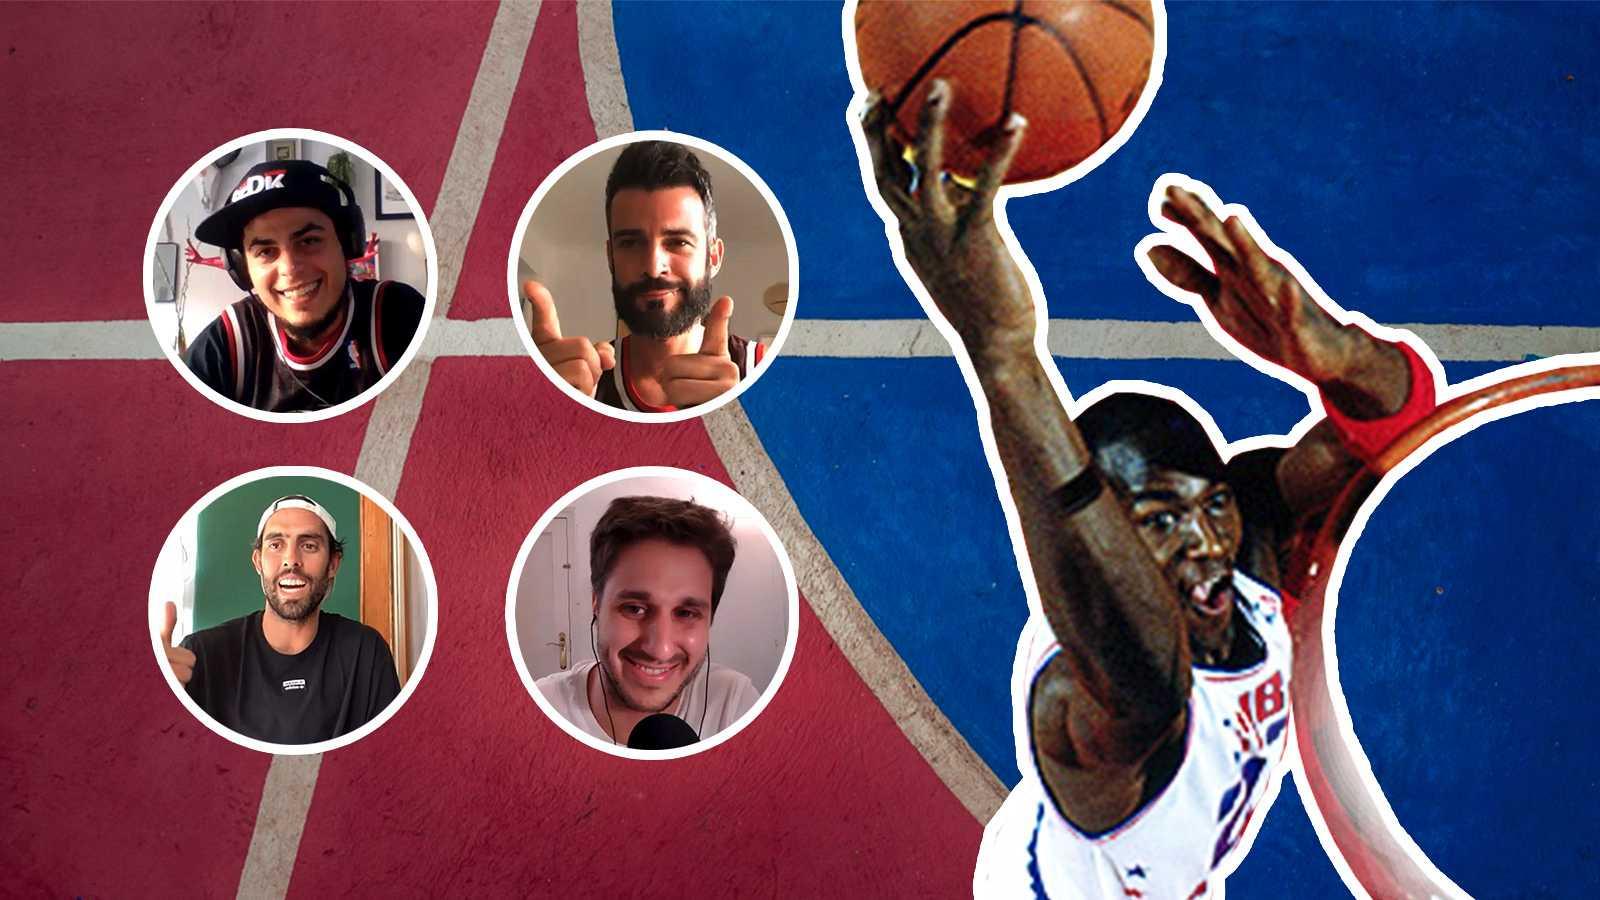 Playztrends - 'The last dance' de Michael Jordan con David Sainz, Pablo Ibarburu, Javier Beirán y Antonio Velázquez